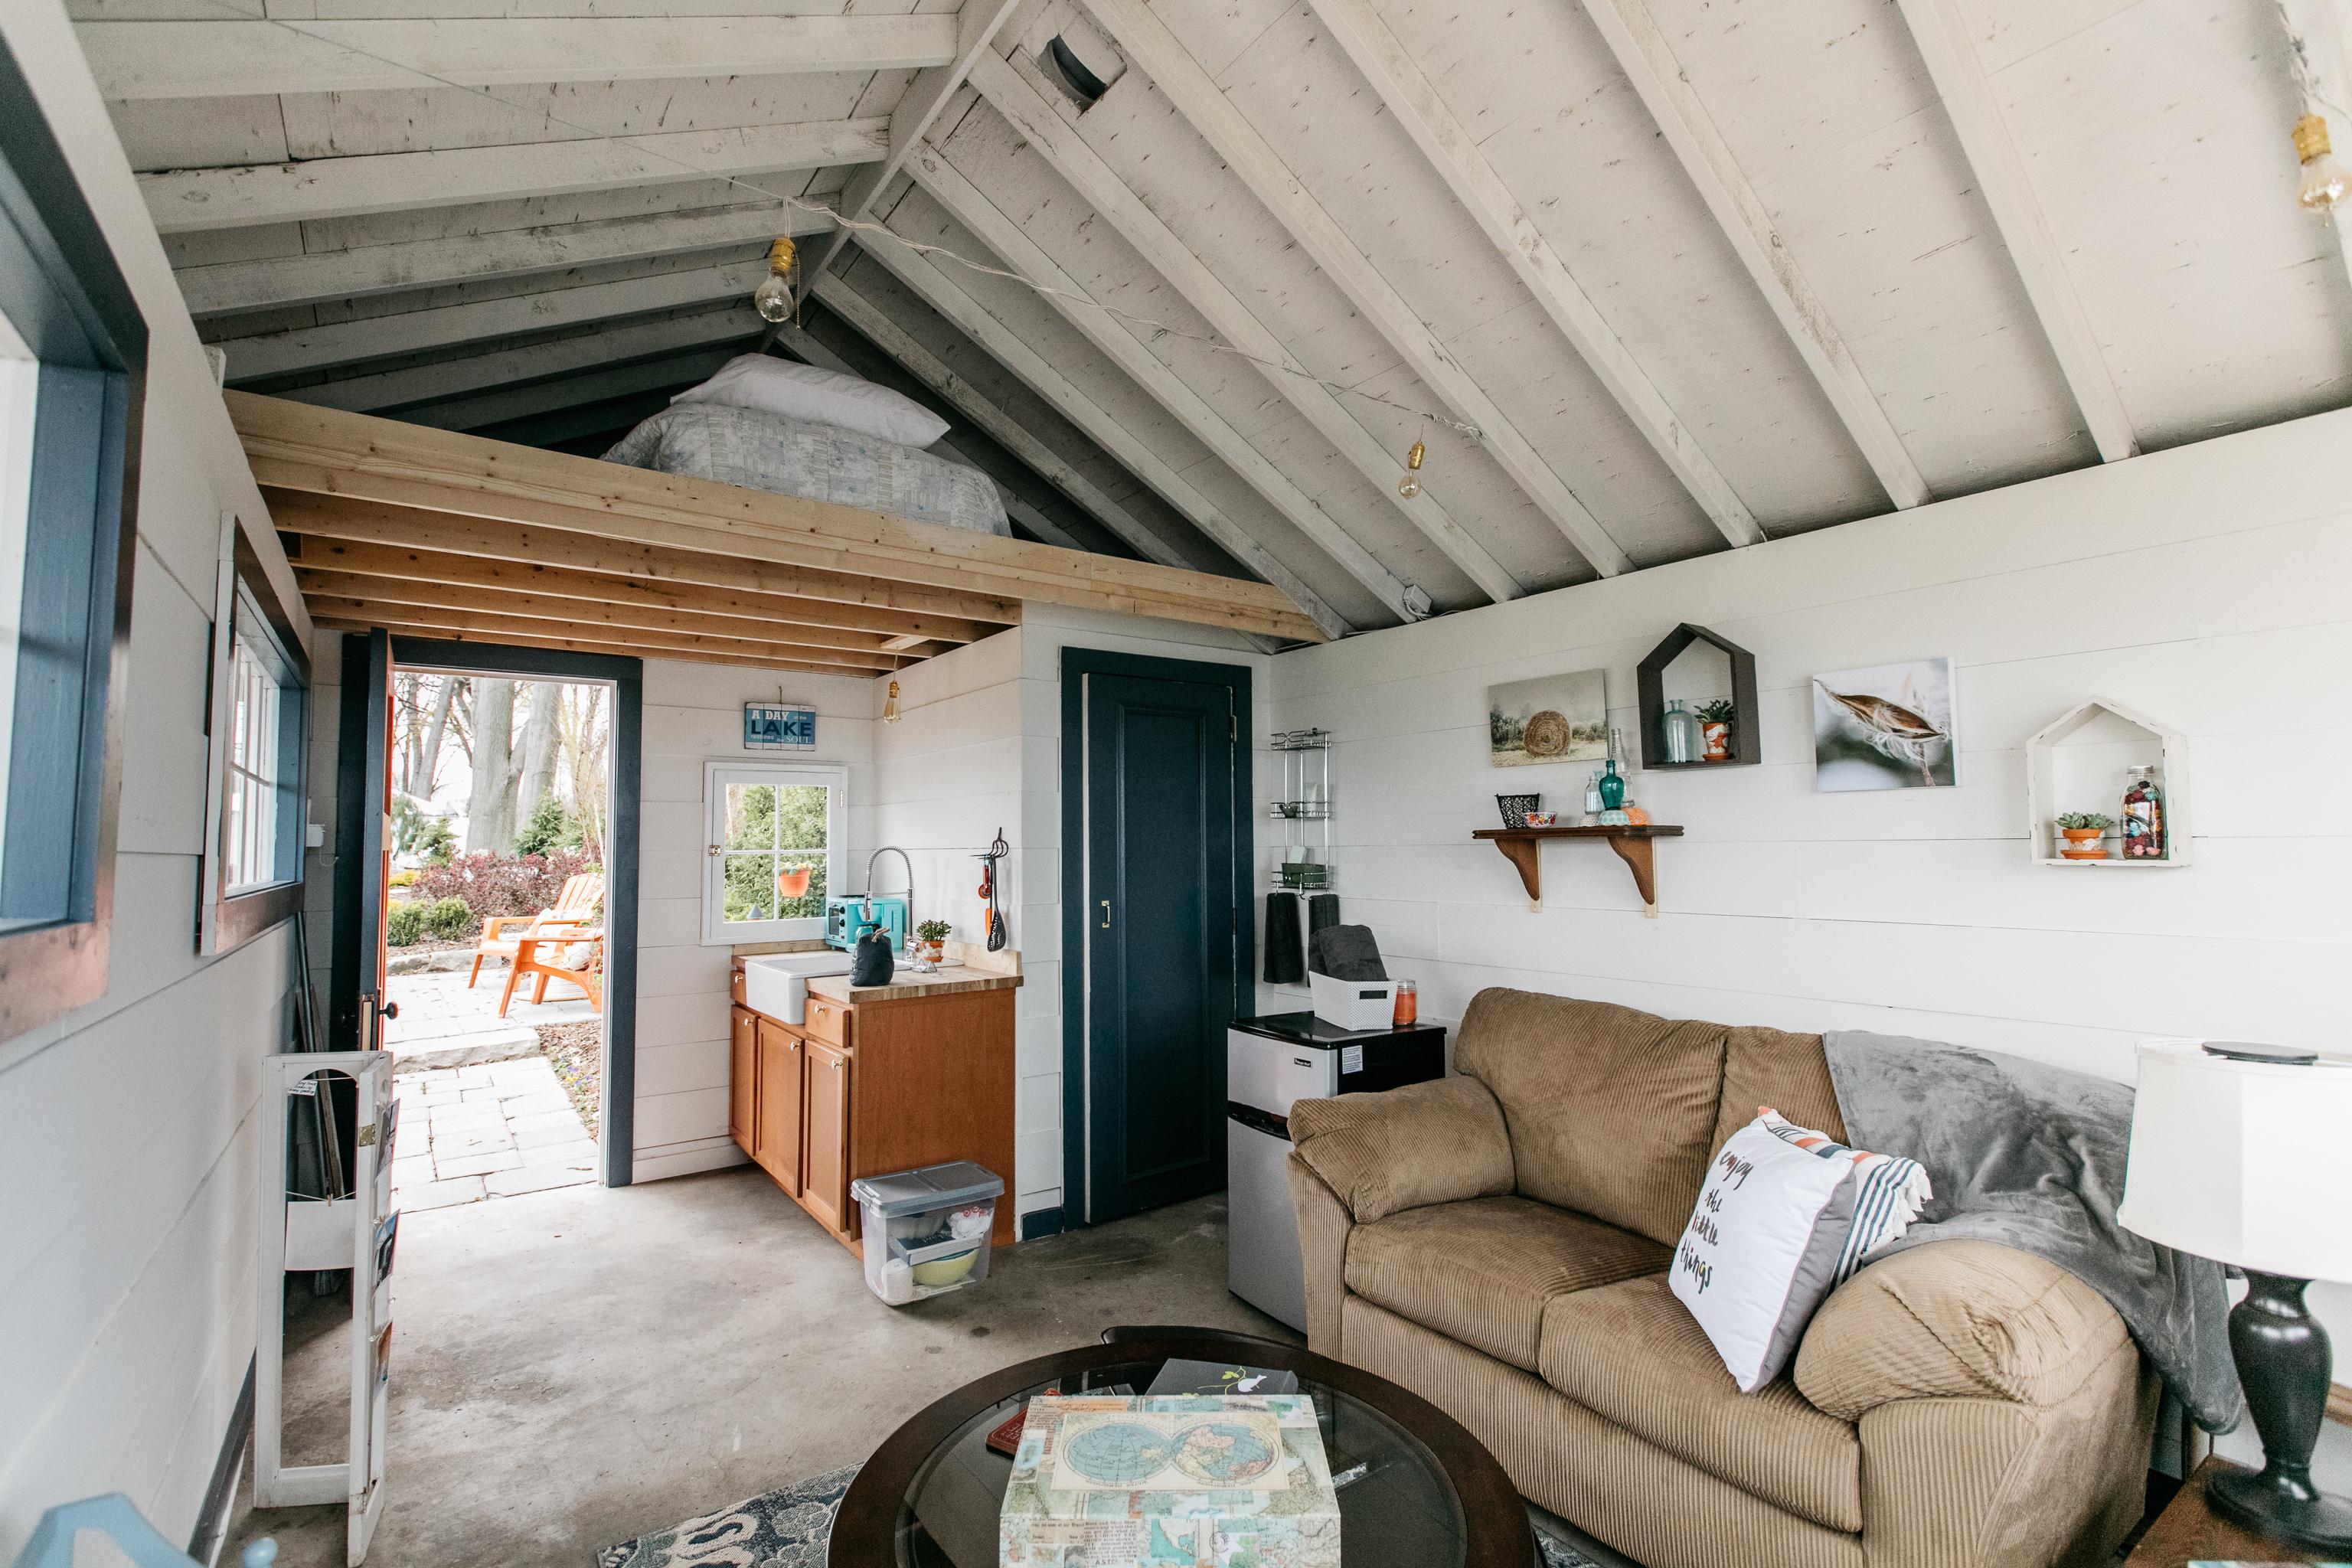 The Designersu0027 Show House Includes A Tiny House